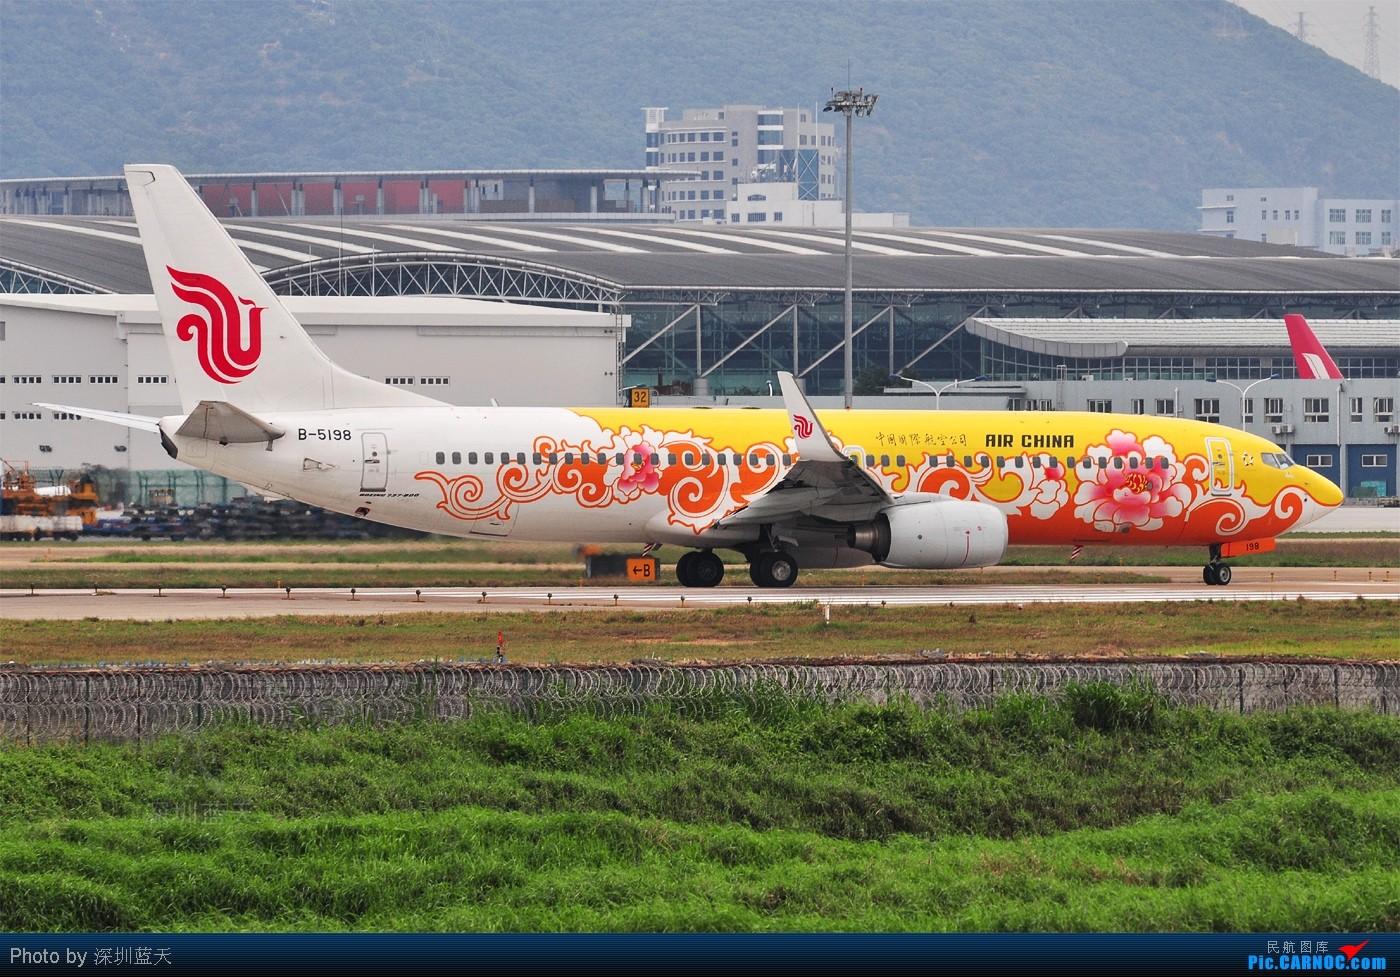 Re:[原创]【深圳飞友会】国航篇!在深圳,两架国航747同时出现在一张图里机会算是罕见的!还有黄牡丹和蓝牡丹一起祝大家新年快乐! BOEING 737-800 B-5198 中国深圳宝安机场